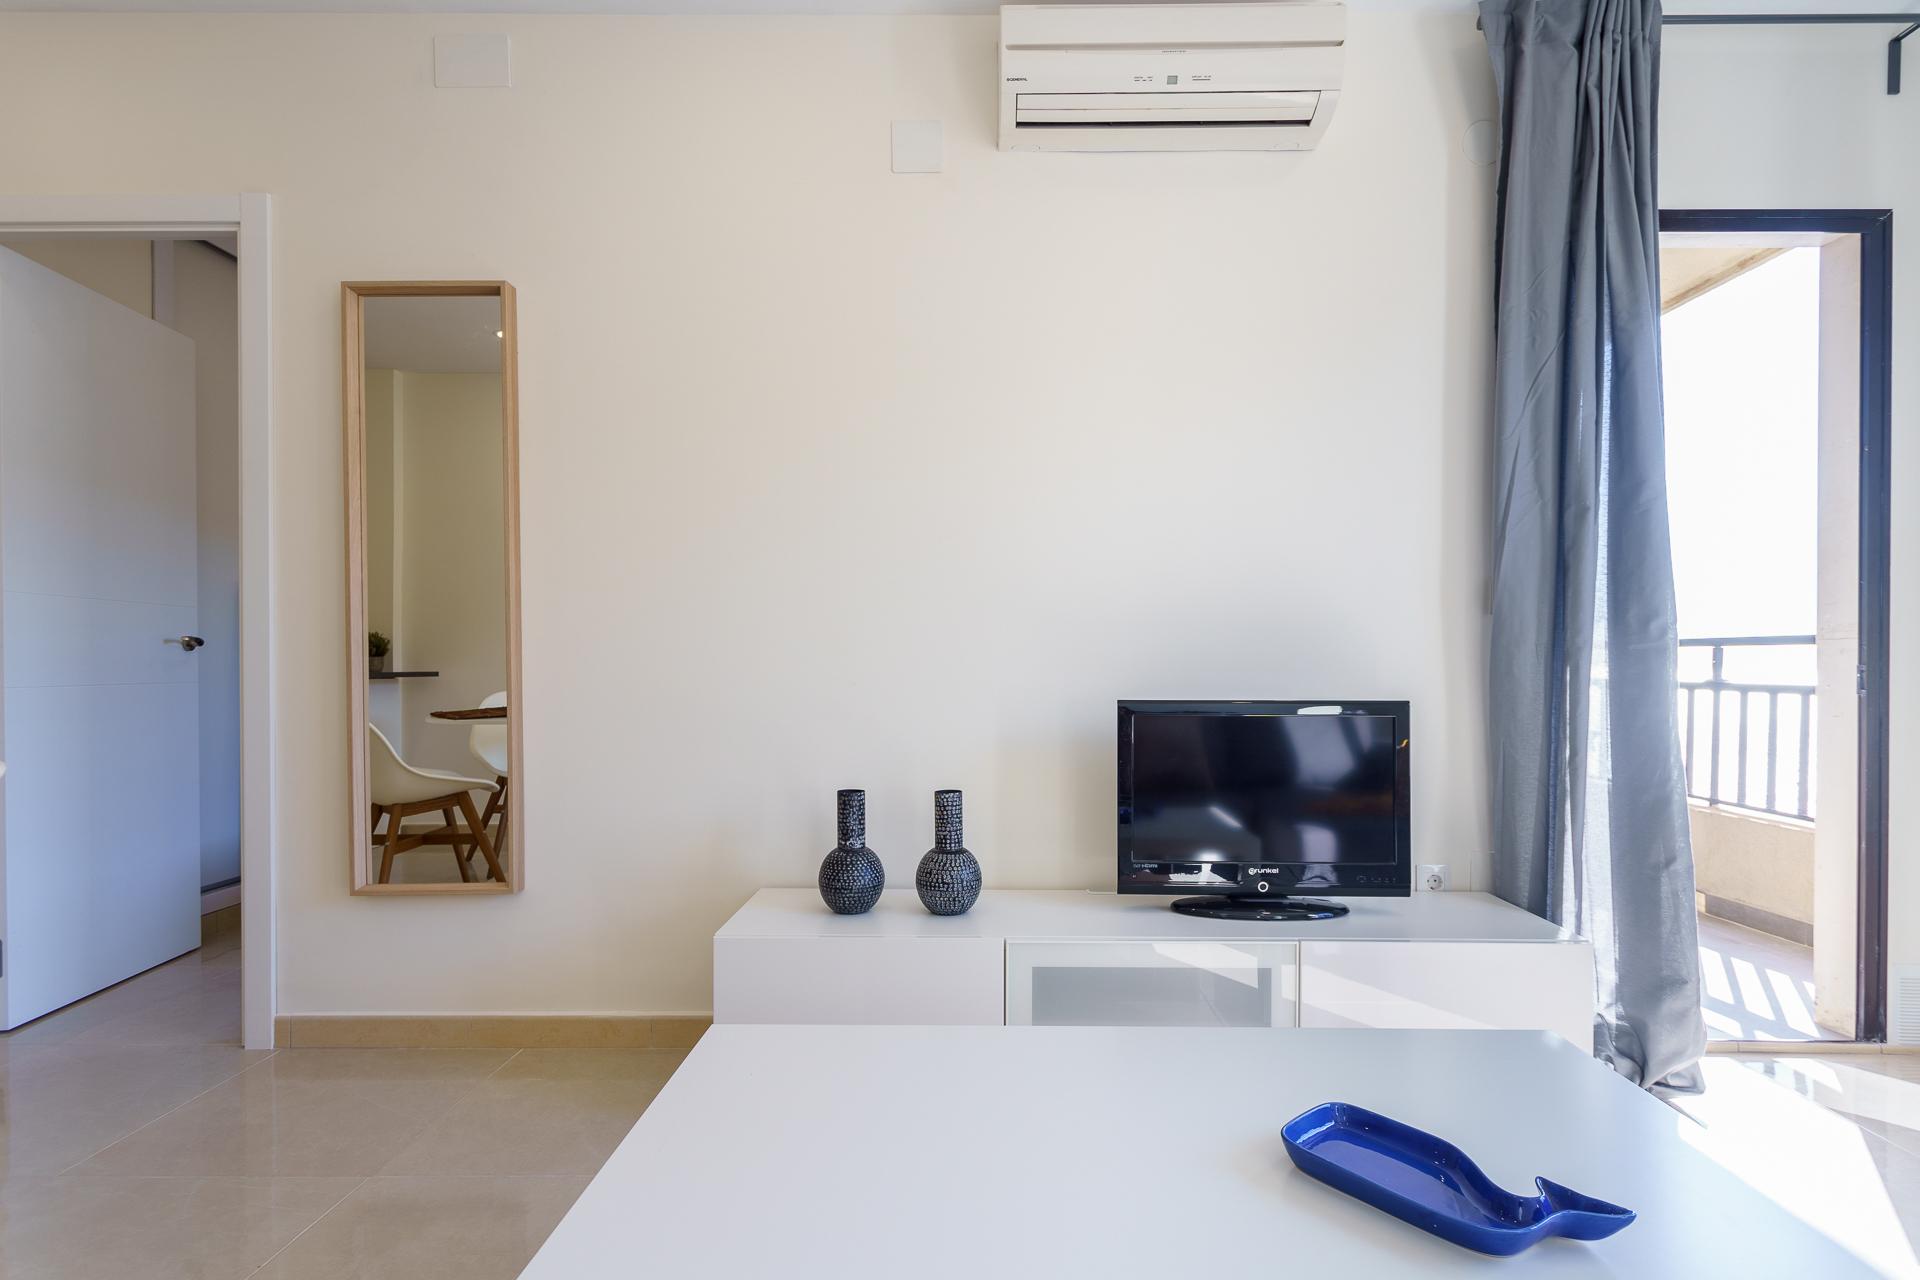 Apartment MalagaSuite Cozy Apartment in Fuengirola photo 20507078